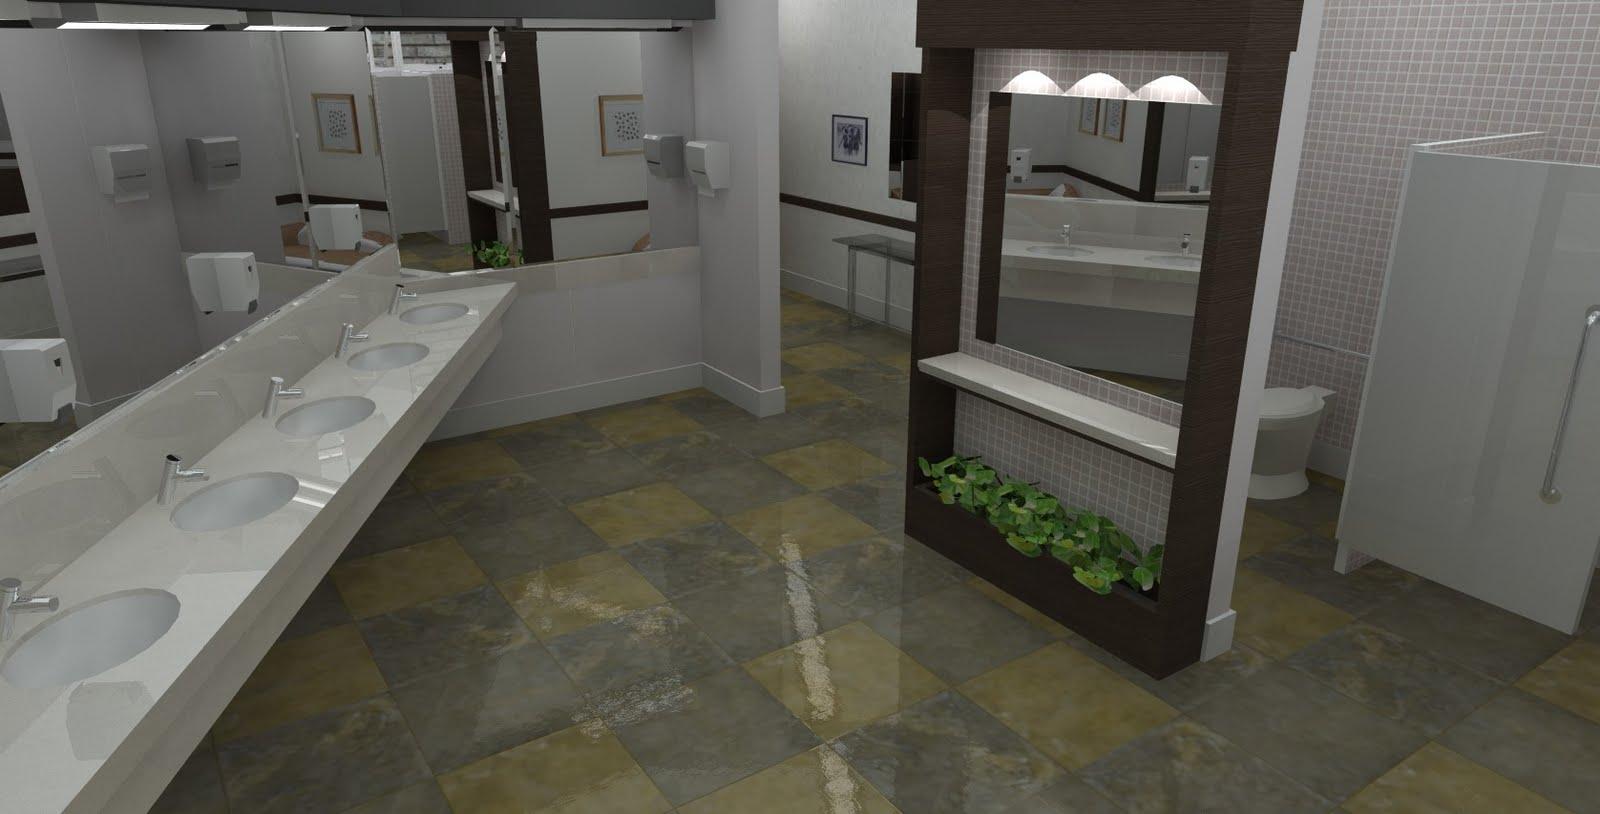 Projetos em 3D: Reforma de Banheiro Feminino em Clube #4F5840 1600 814